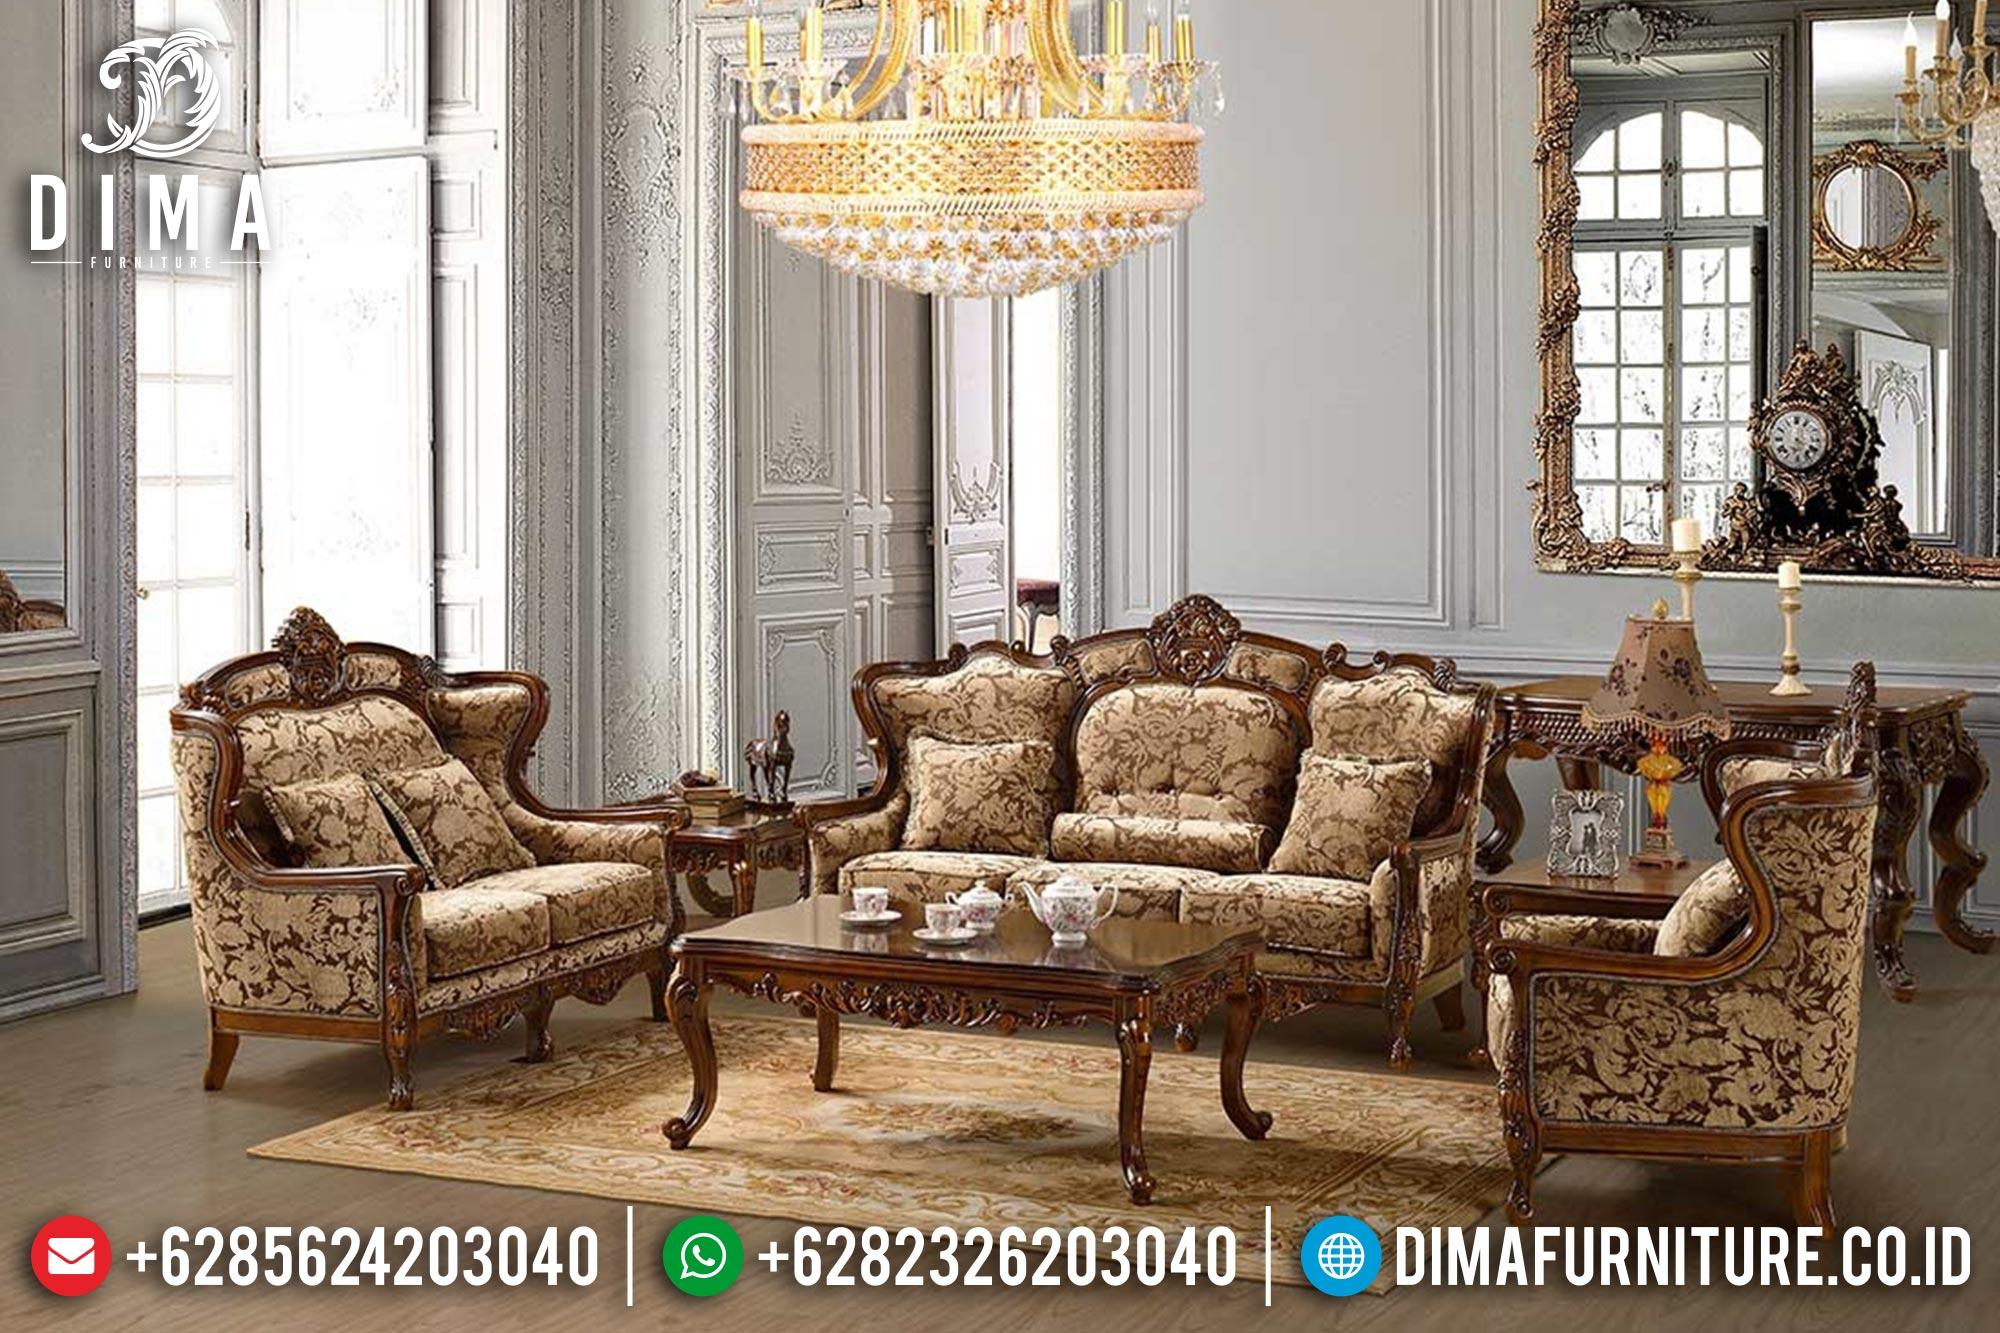 Sofa Tamu Jati Jepara Klasik Mewah Terbaru Mm-0122